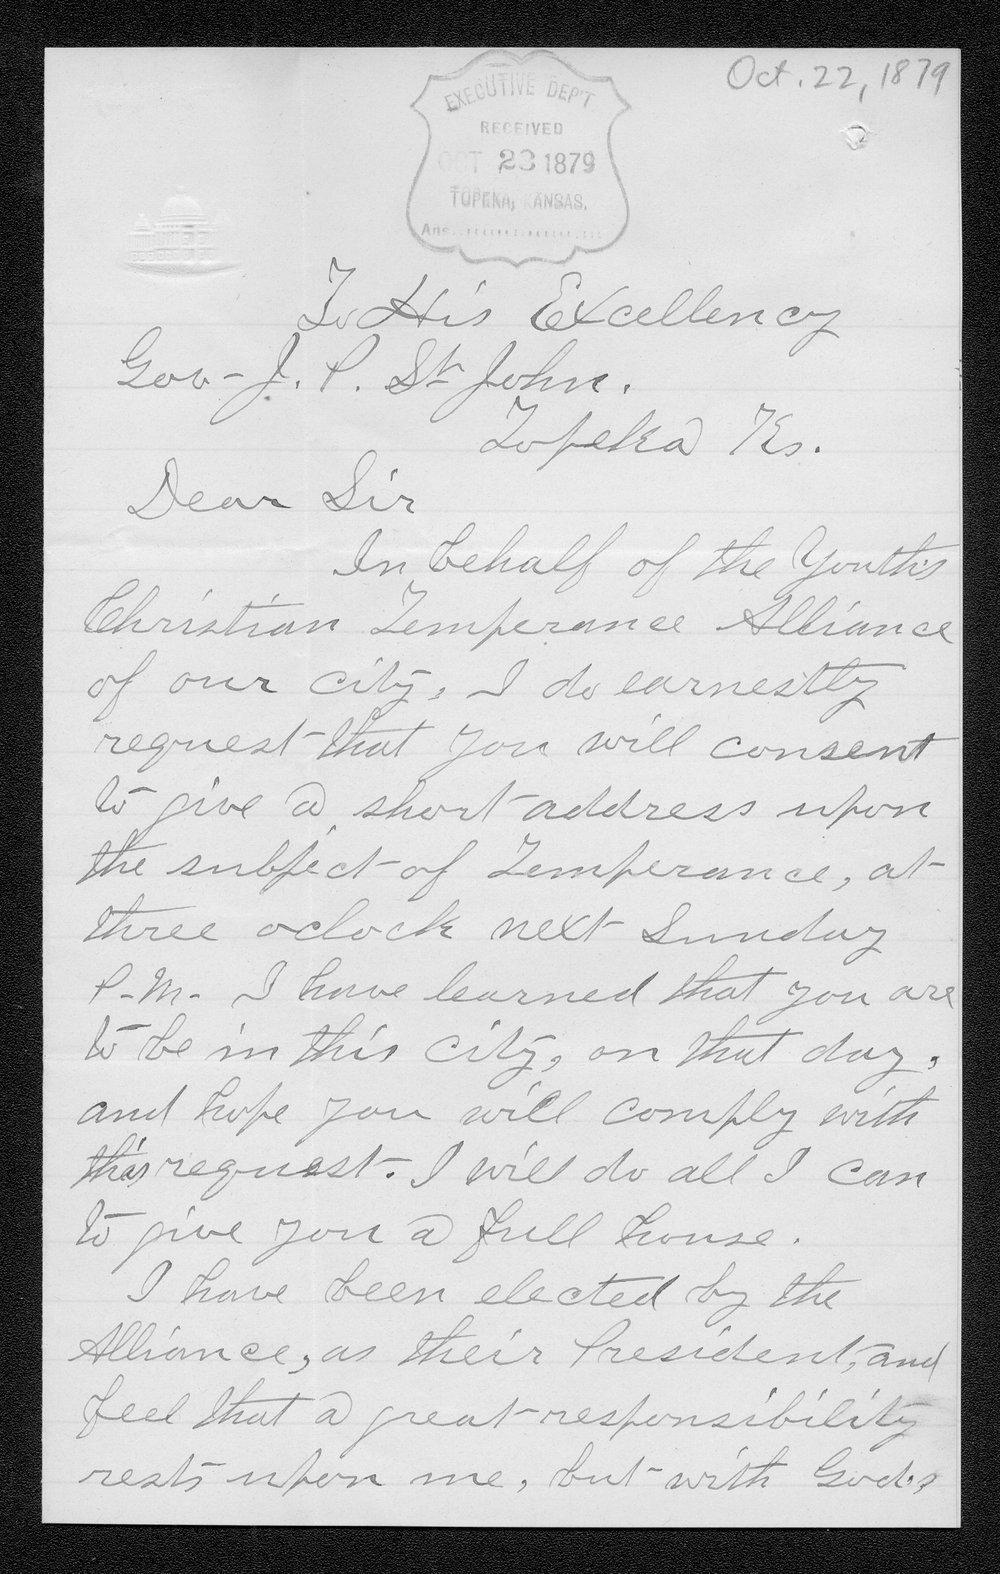 R.J. Brown to Governor John St. John - 1